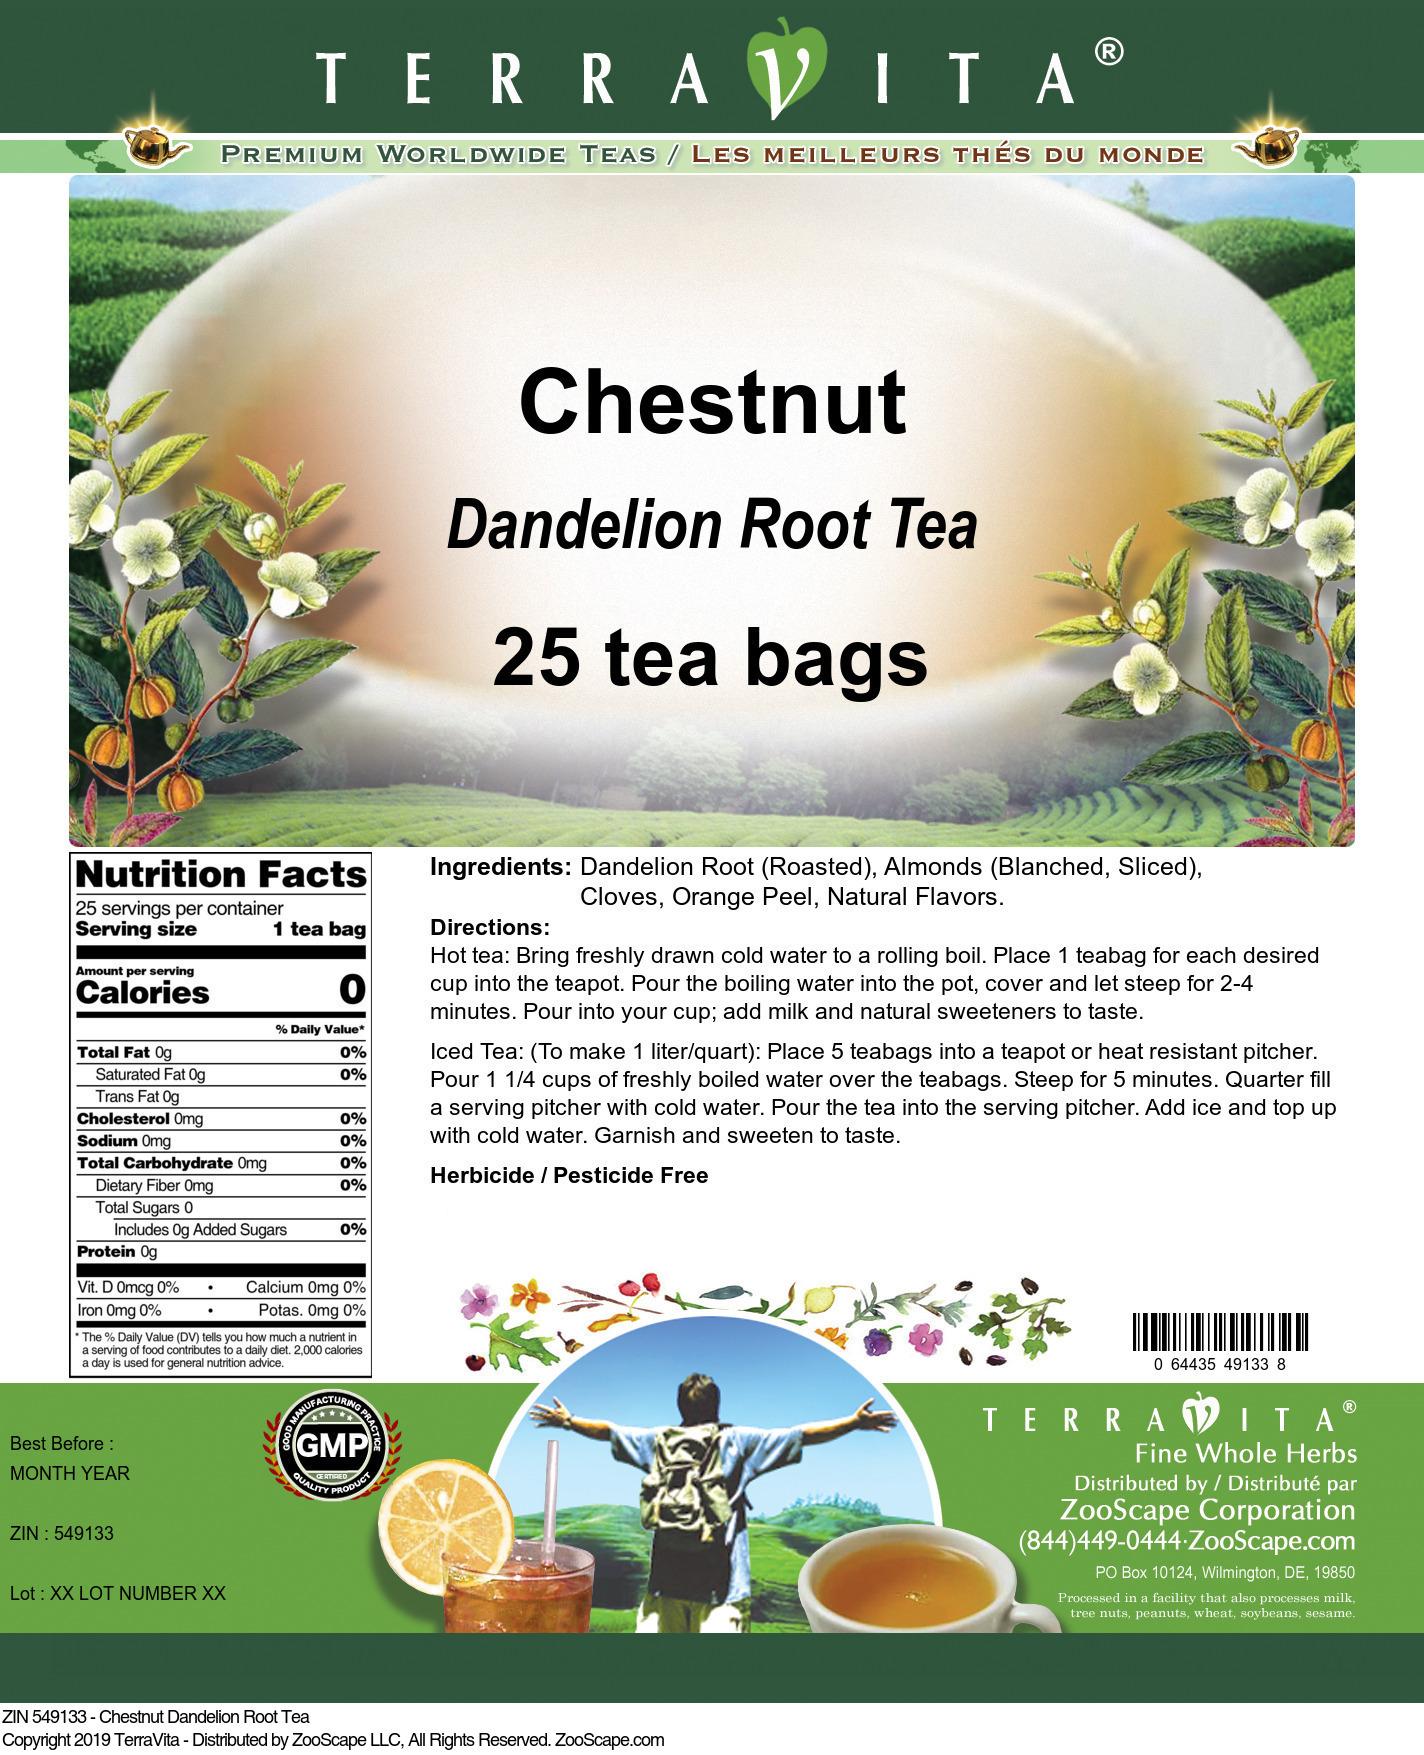 Chestnut Dandelion Root Tea